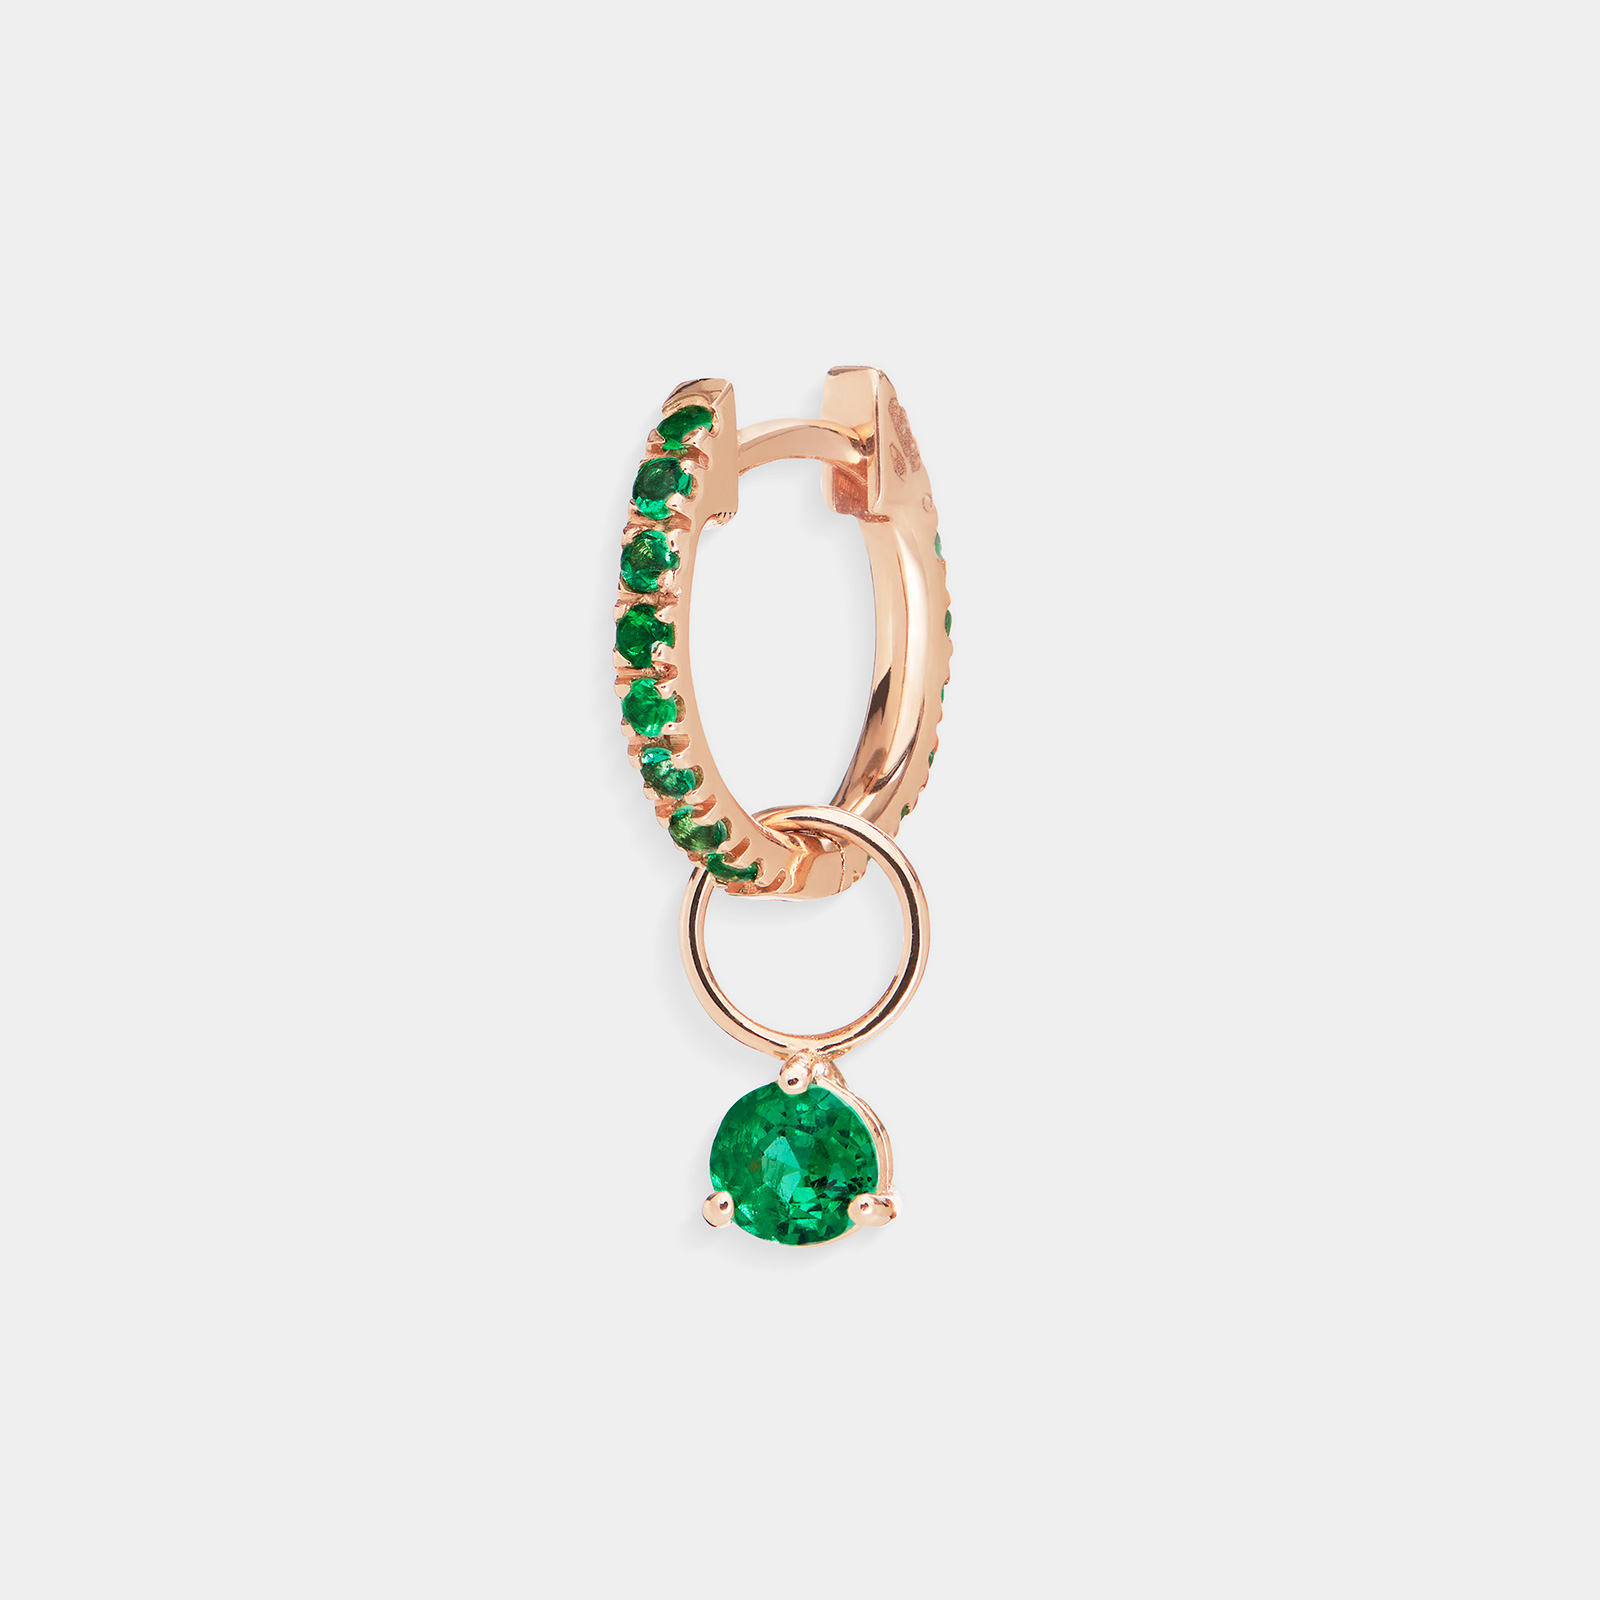 Mono orecchino cerchietto in oro giallo e smeraldi - Rosanna Cattolico gioielli